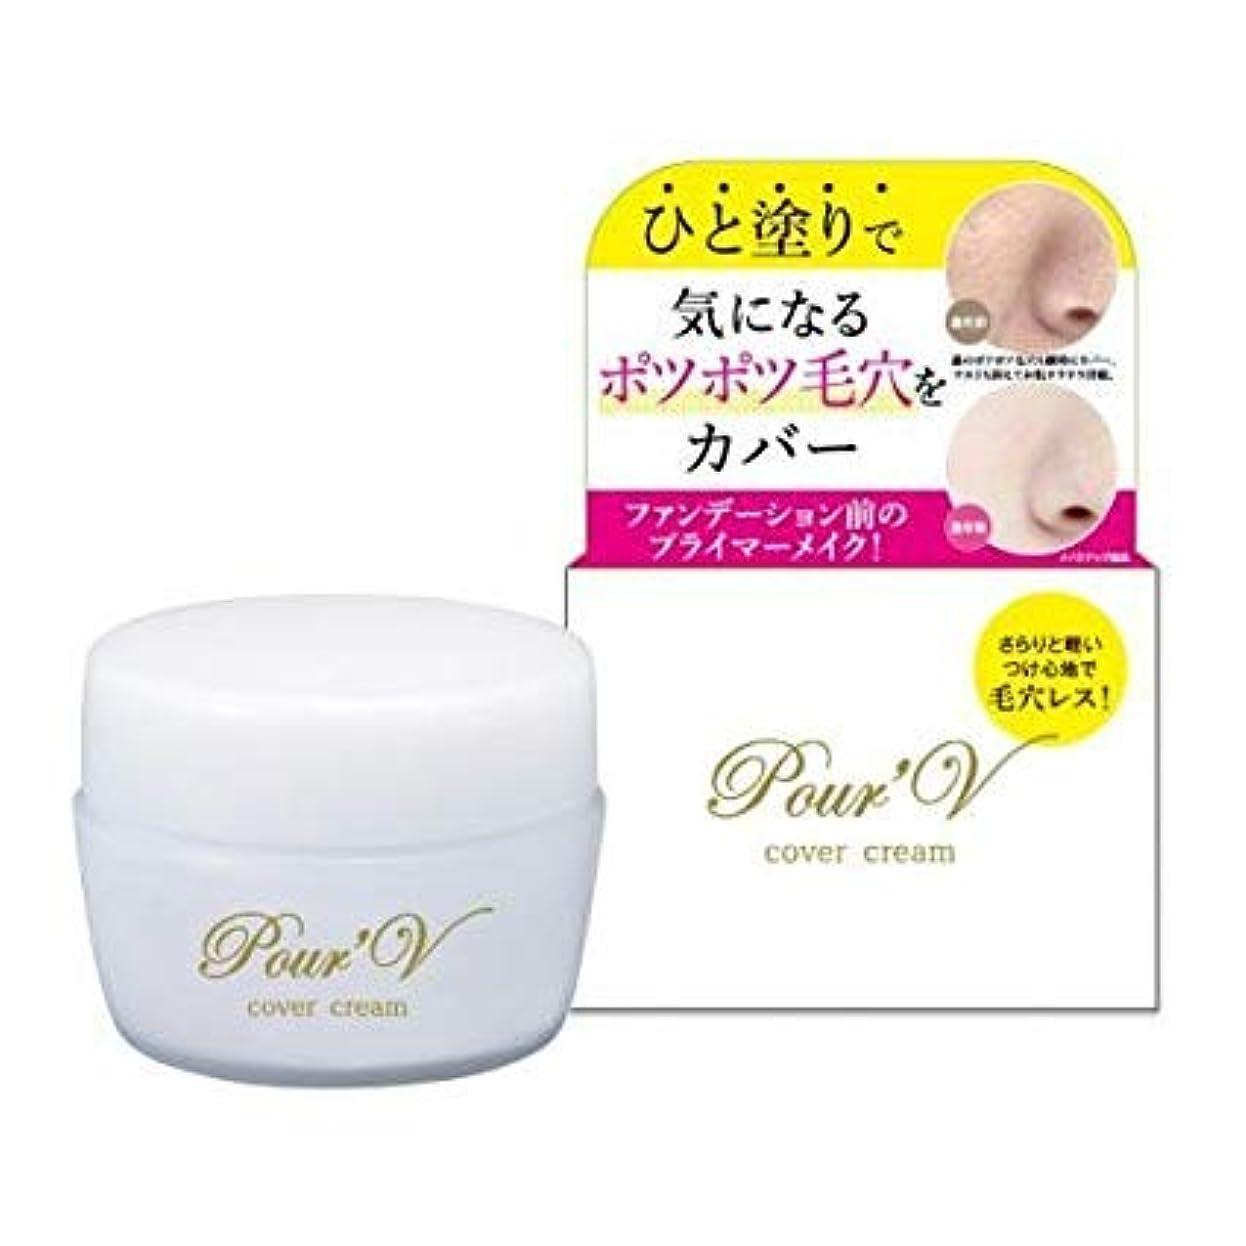 質素なアドバイス祖母Pour'V プレヴ cover cream2個セット